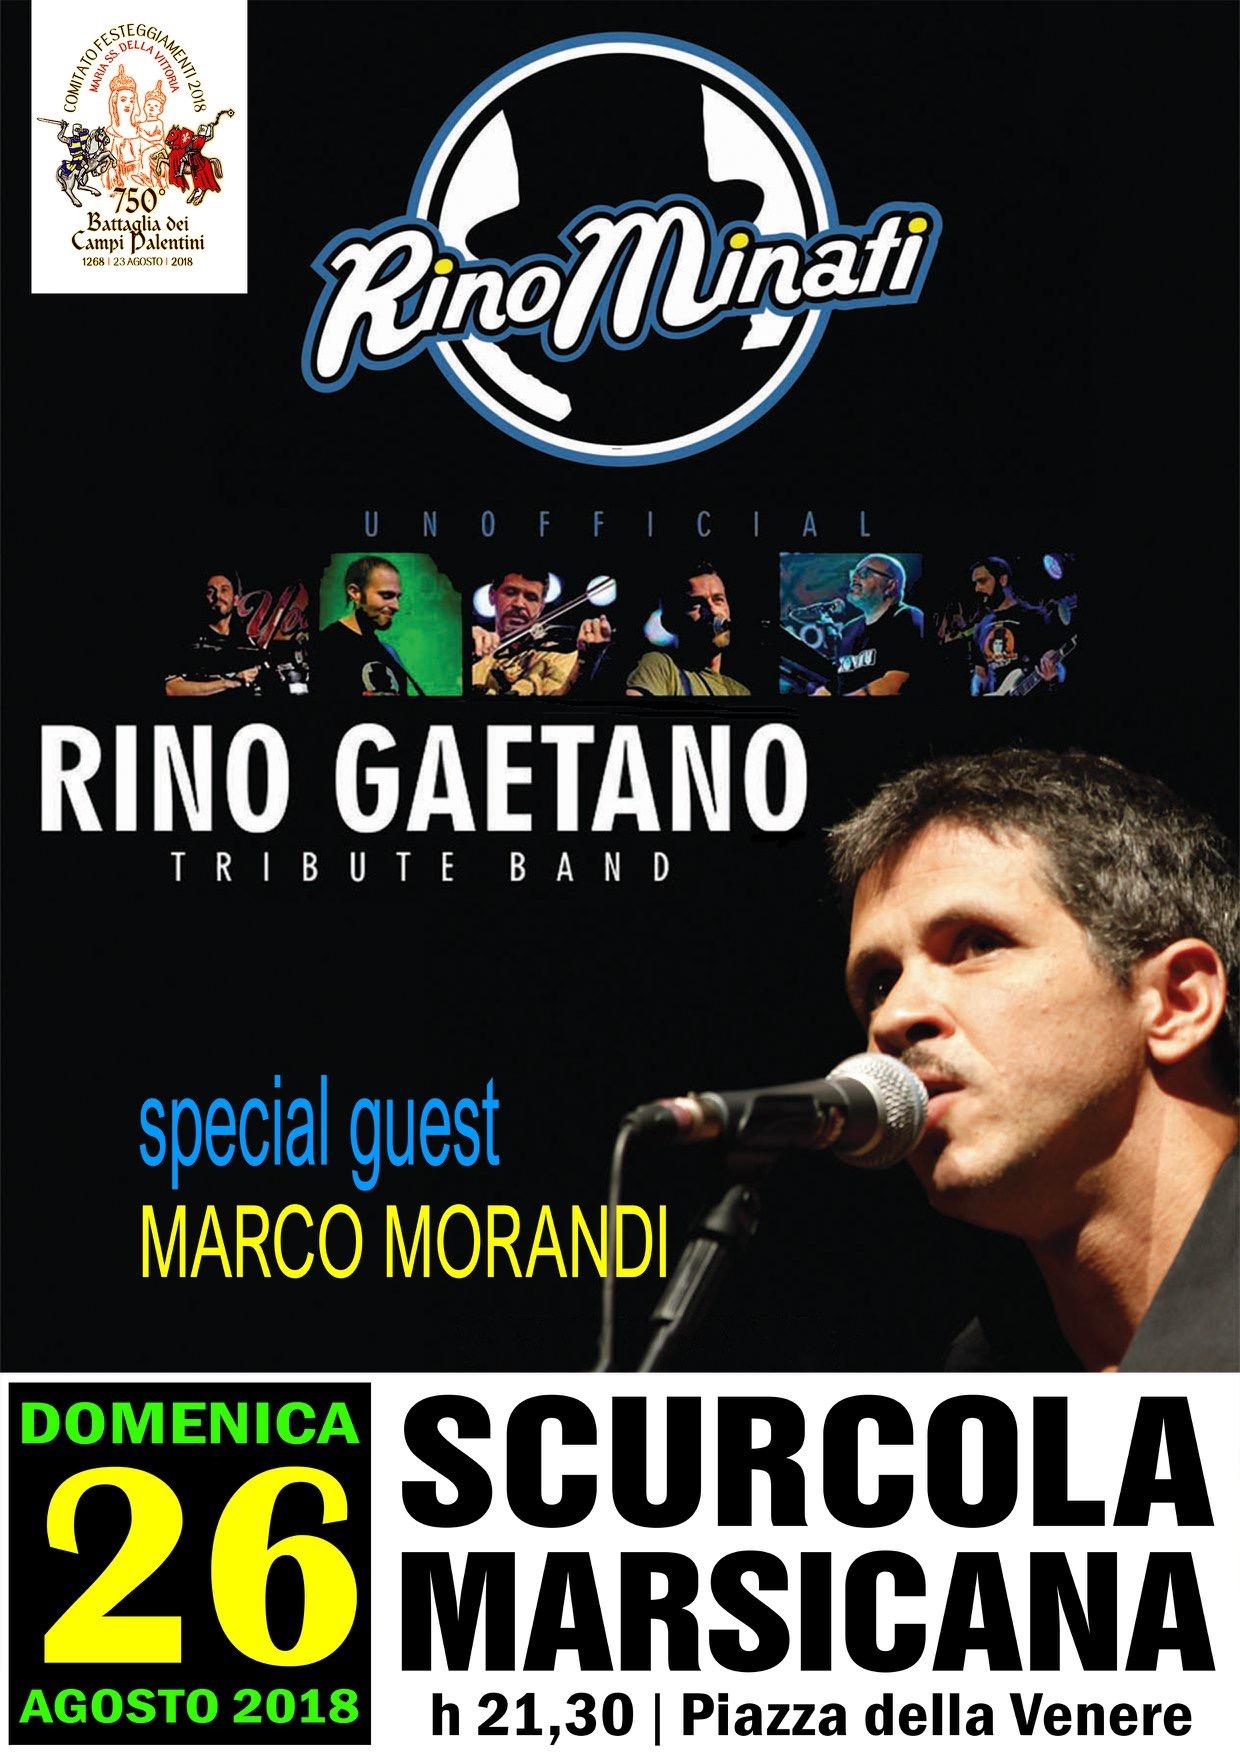 """La """"tribute band Rino Gaetano"""" in concerto a Scurcola Marsicana"""